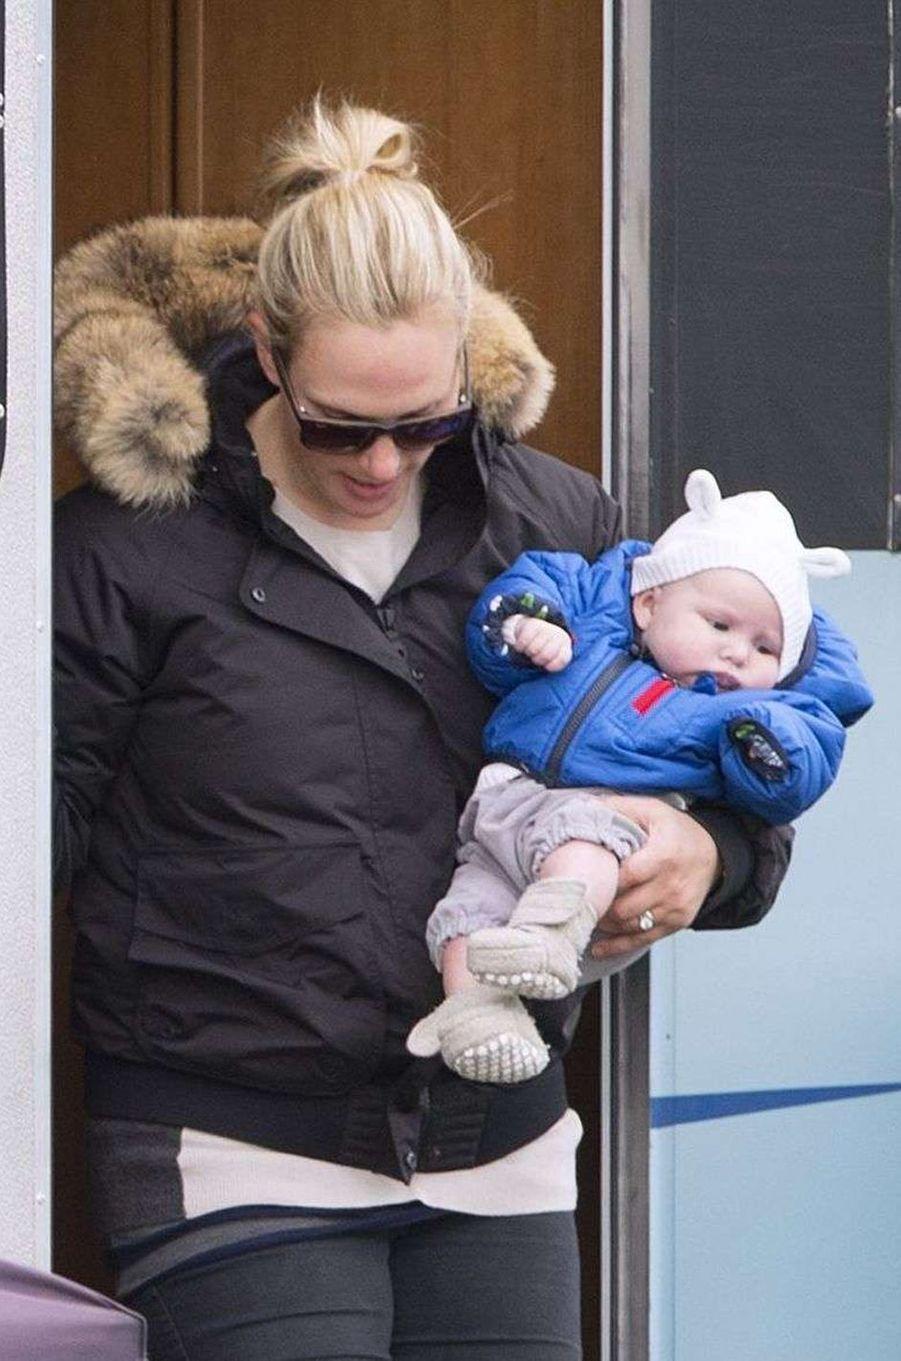 Mia Tindall, la fille aînée de Zara Phillips et Mike Tindall, le 19 avril 2014